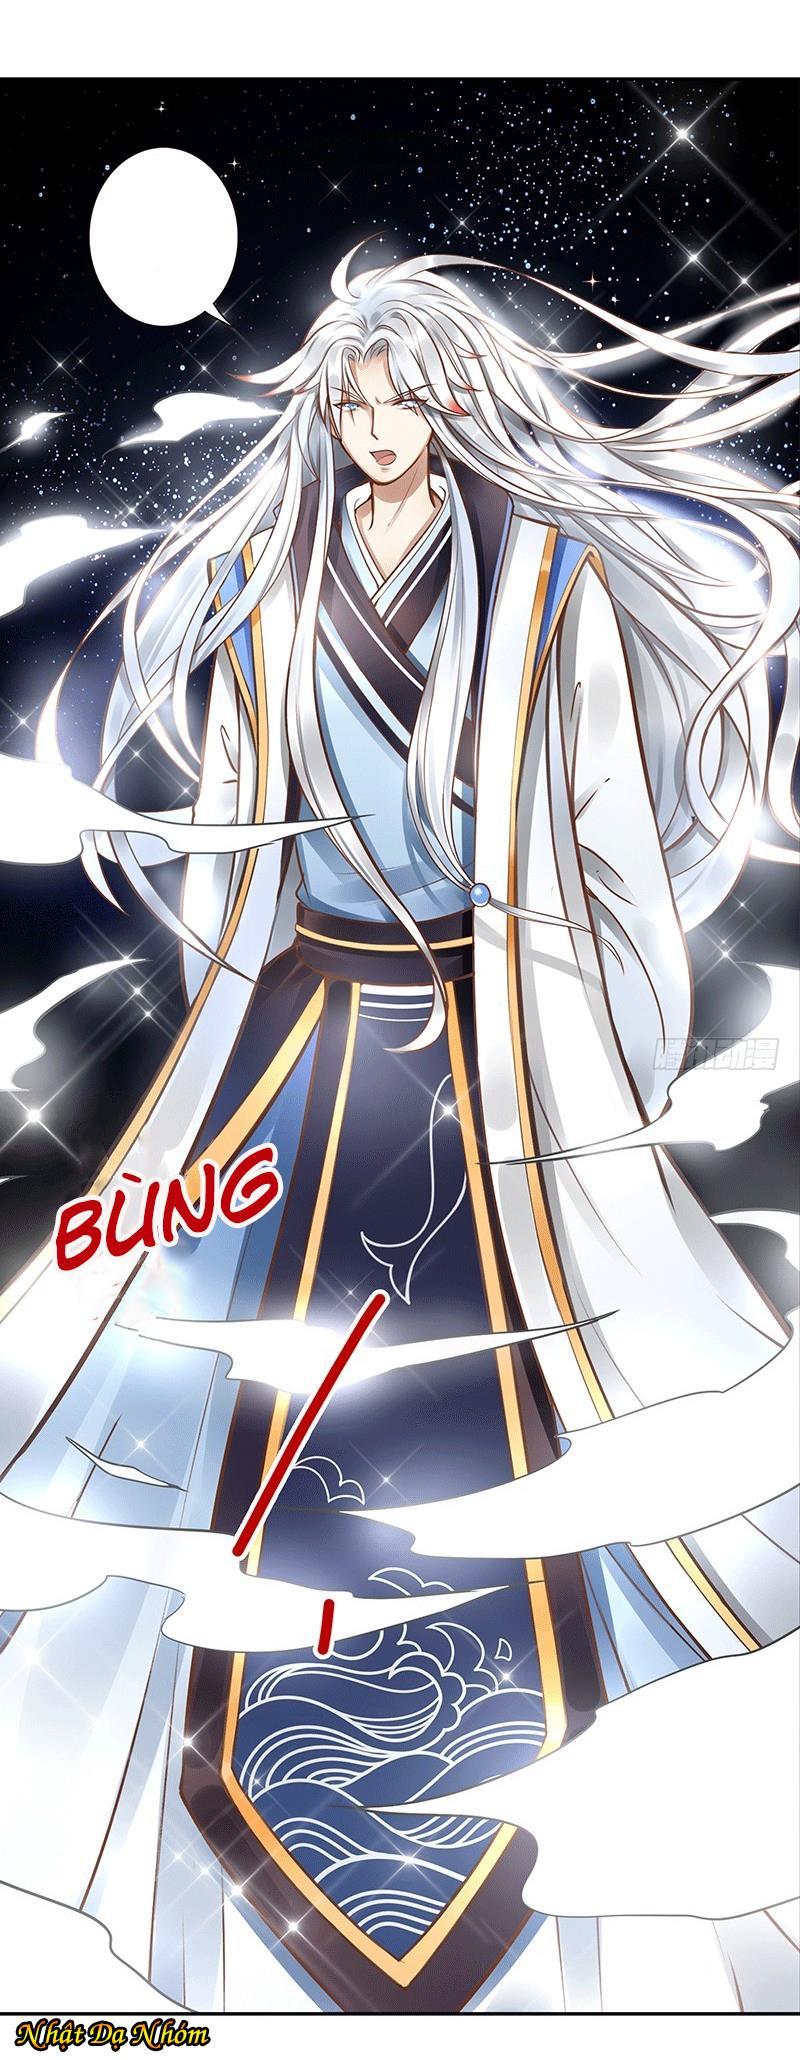 Nữ Thần Tại Thượng Chap 9 - Next Chap 10